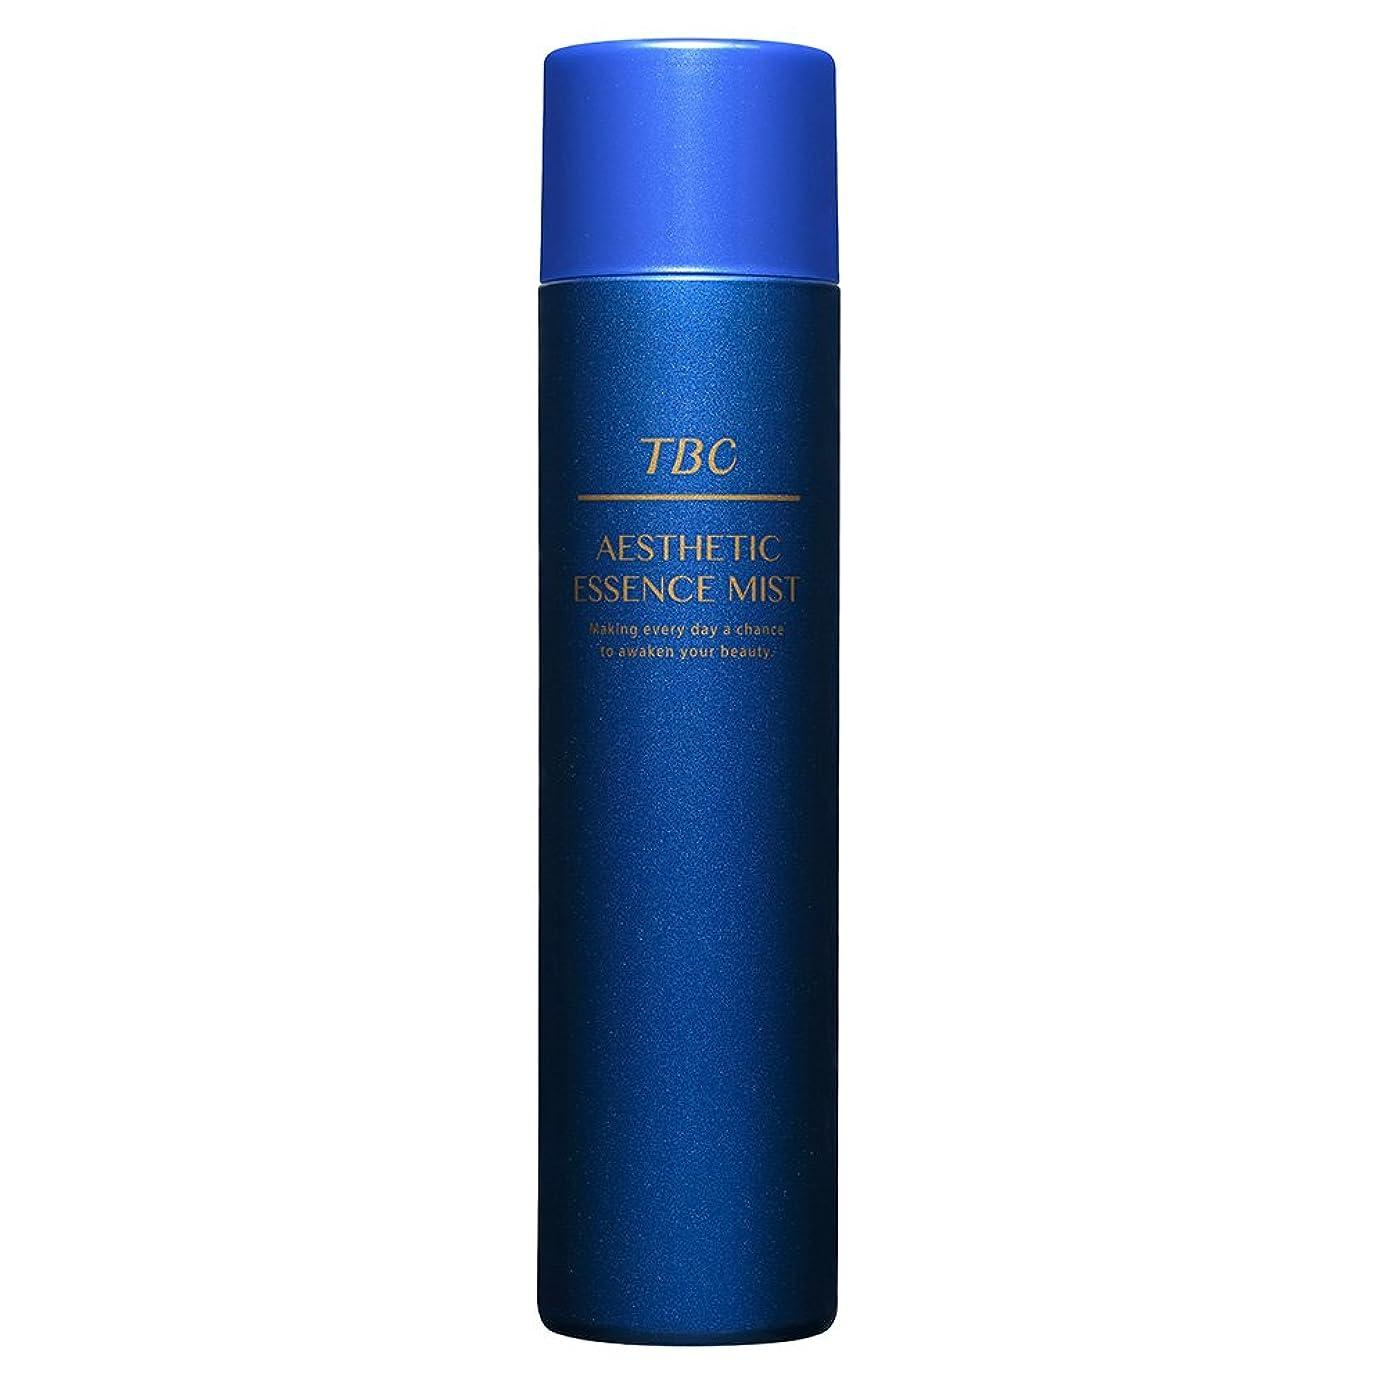 開業医郊外伝染病TBC エステティックエッセンスミスト 化粧水/炭酸ミスト/美容液/スプレータイプ/エステ